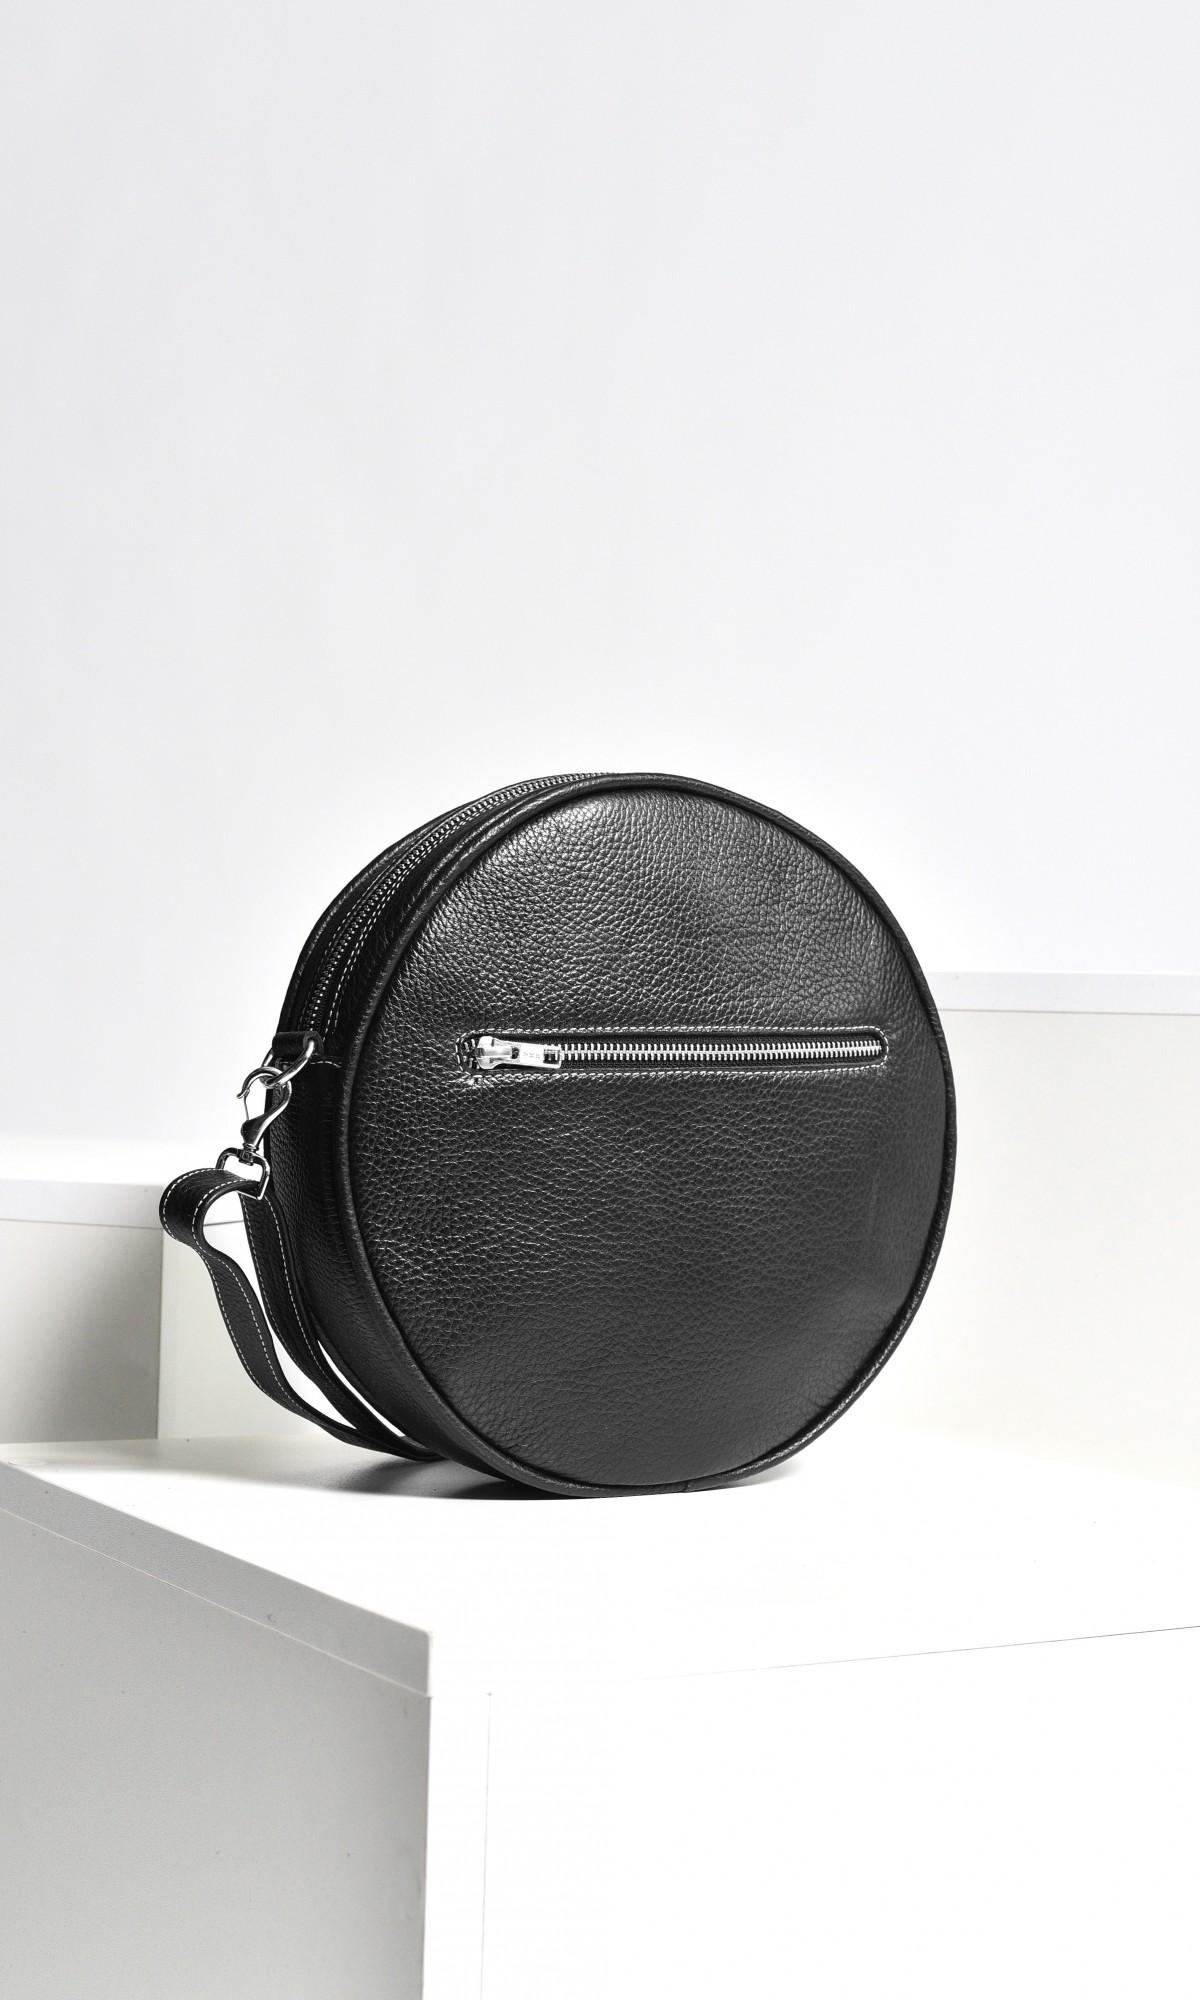 Aakasha Small Crossbody Circle Bag